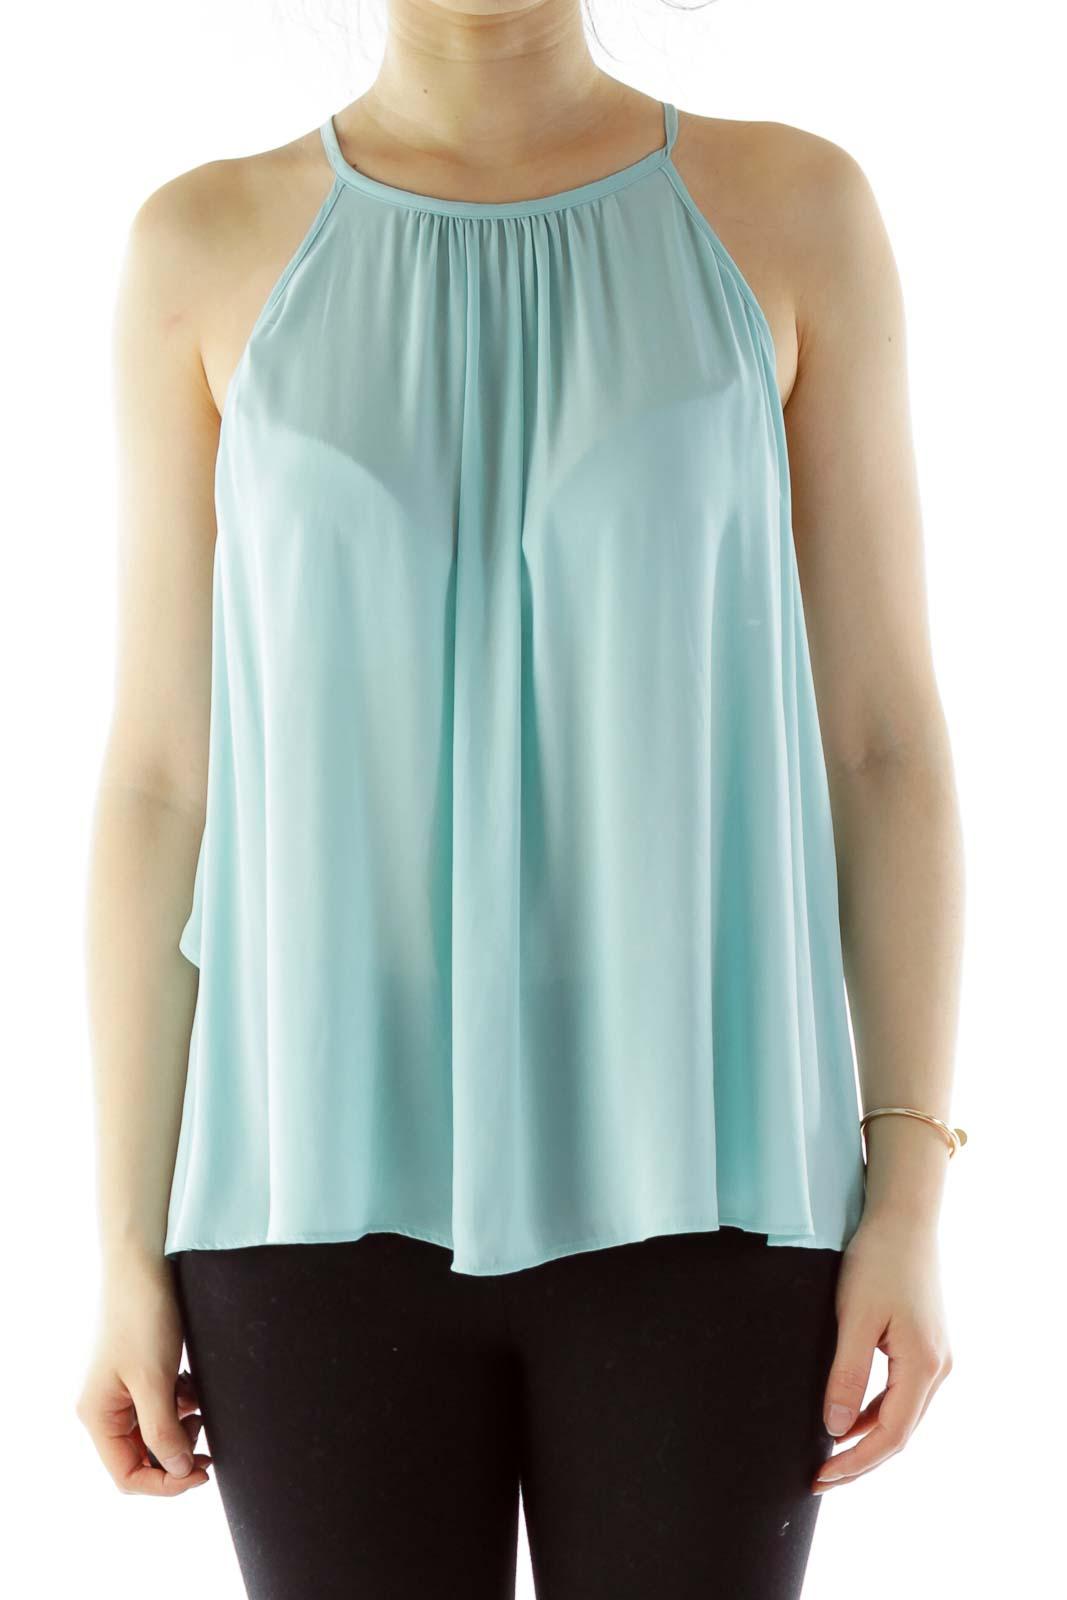 Tiffany Blue Ruffled Sleeveless Blouse